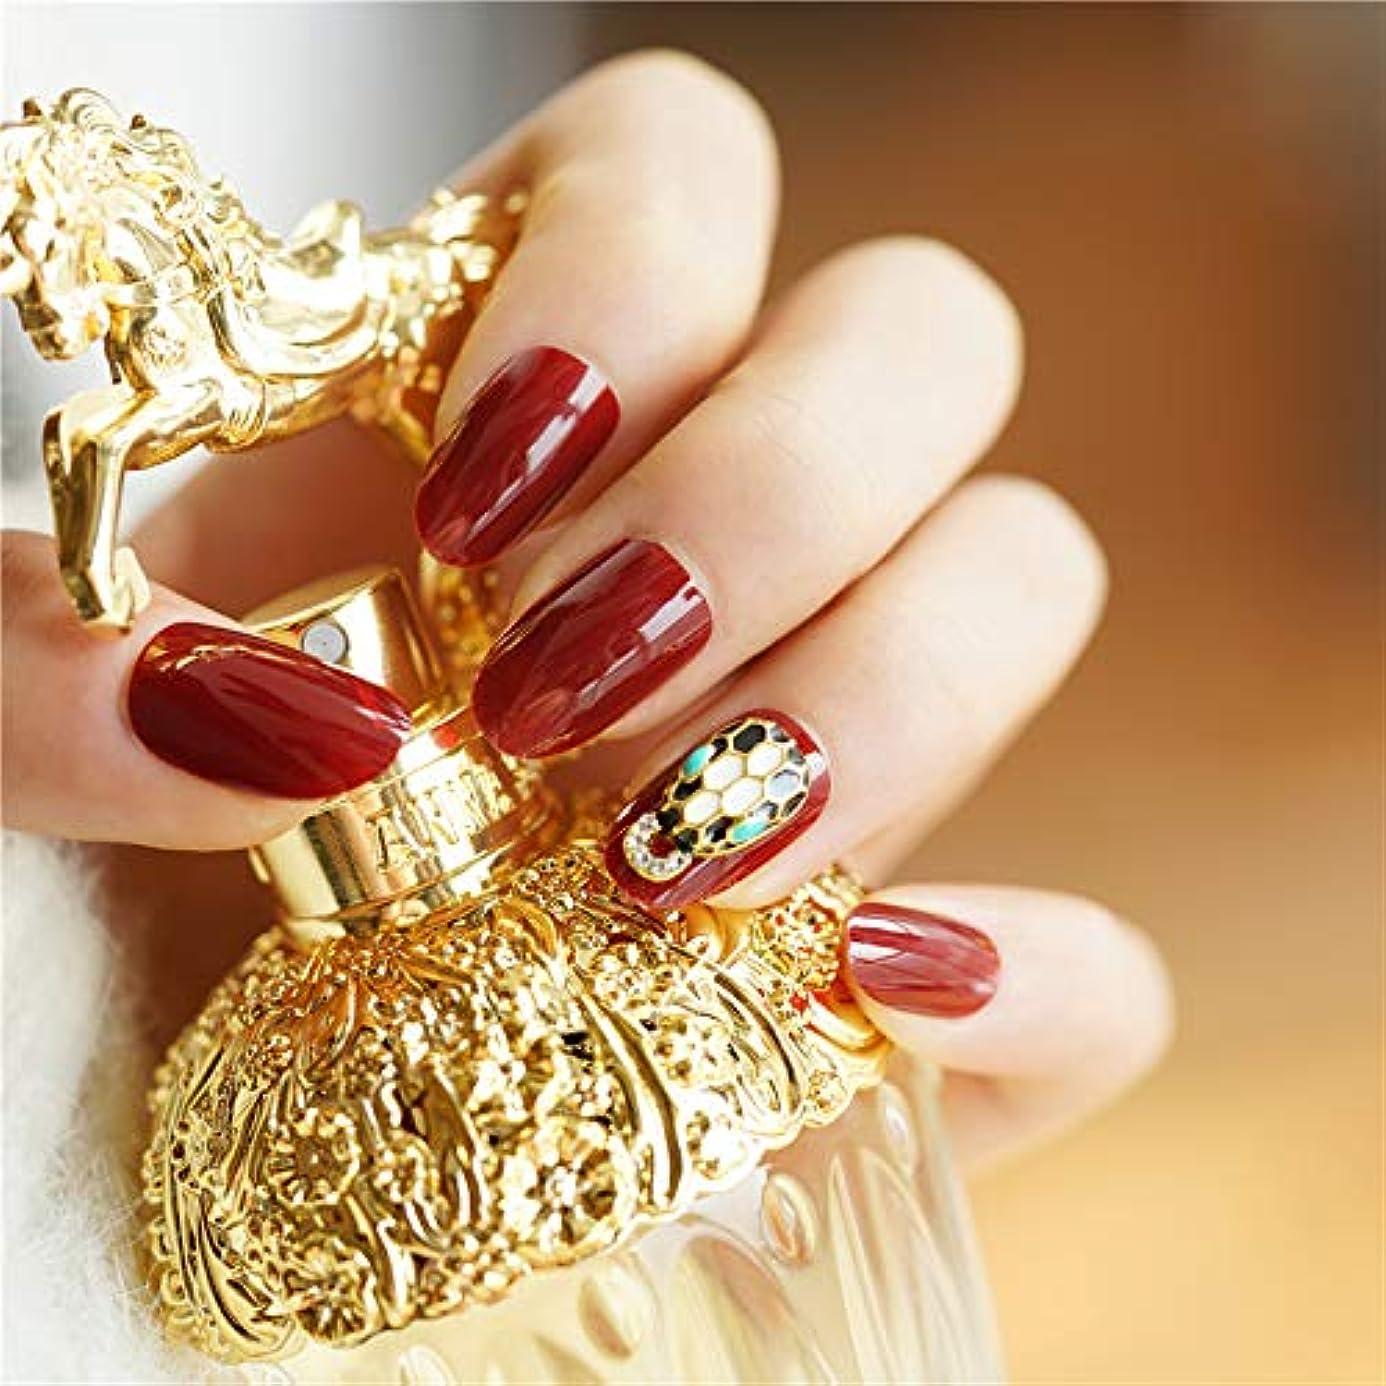 分類する成果怠けた24枚セット ネイルチップ 付け爪 お嫁さんつけ爪 ネイルシール 3D可愛い飾り 爪先金回し 水しいピンク色変化デザインネイルチップ (ワインレッド)